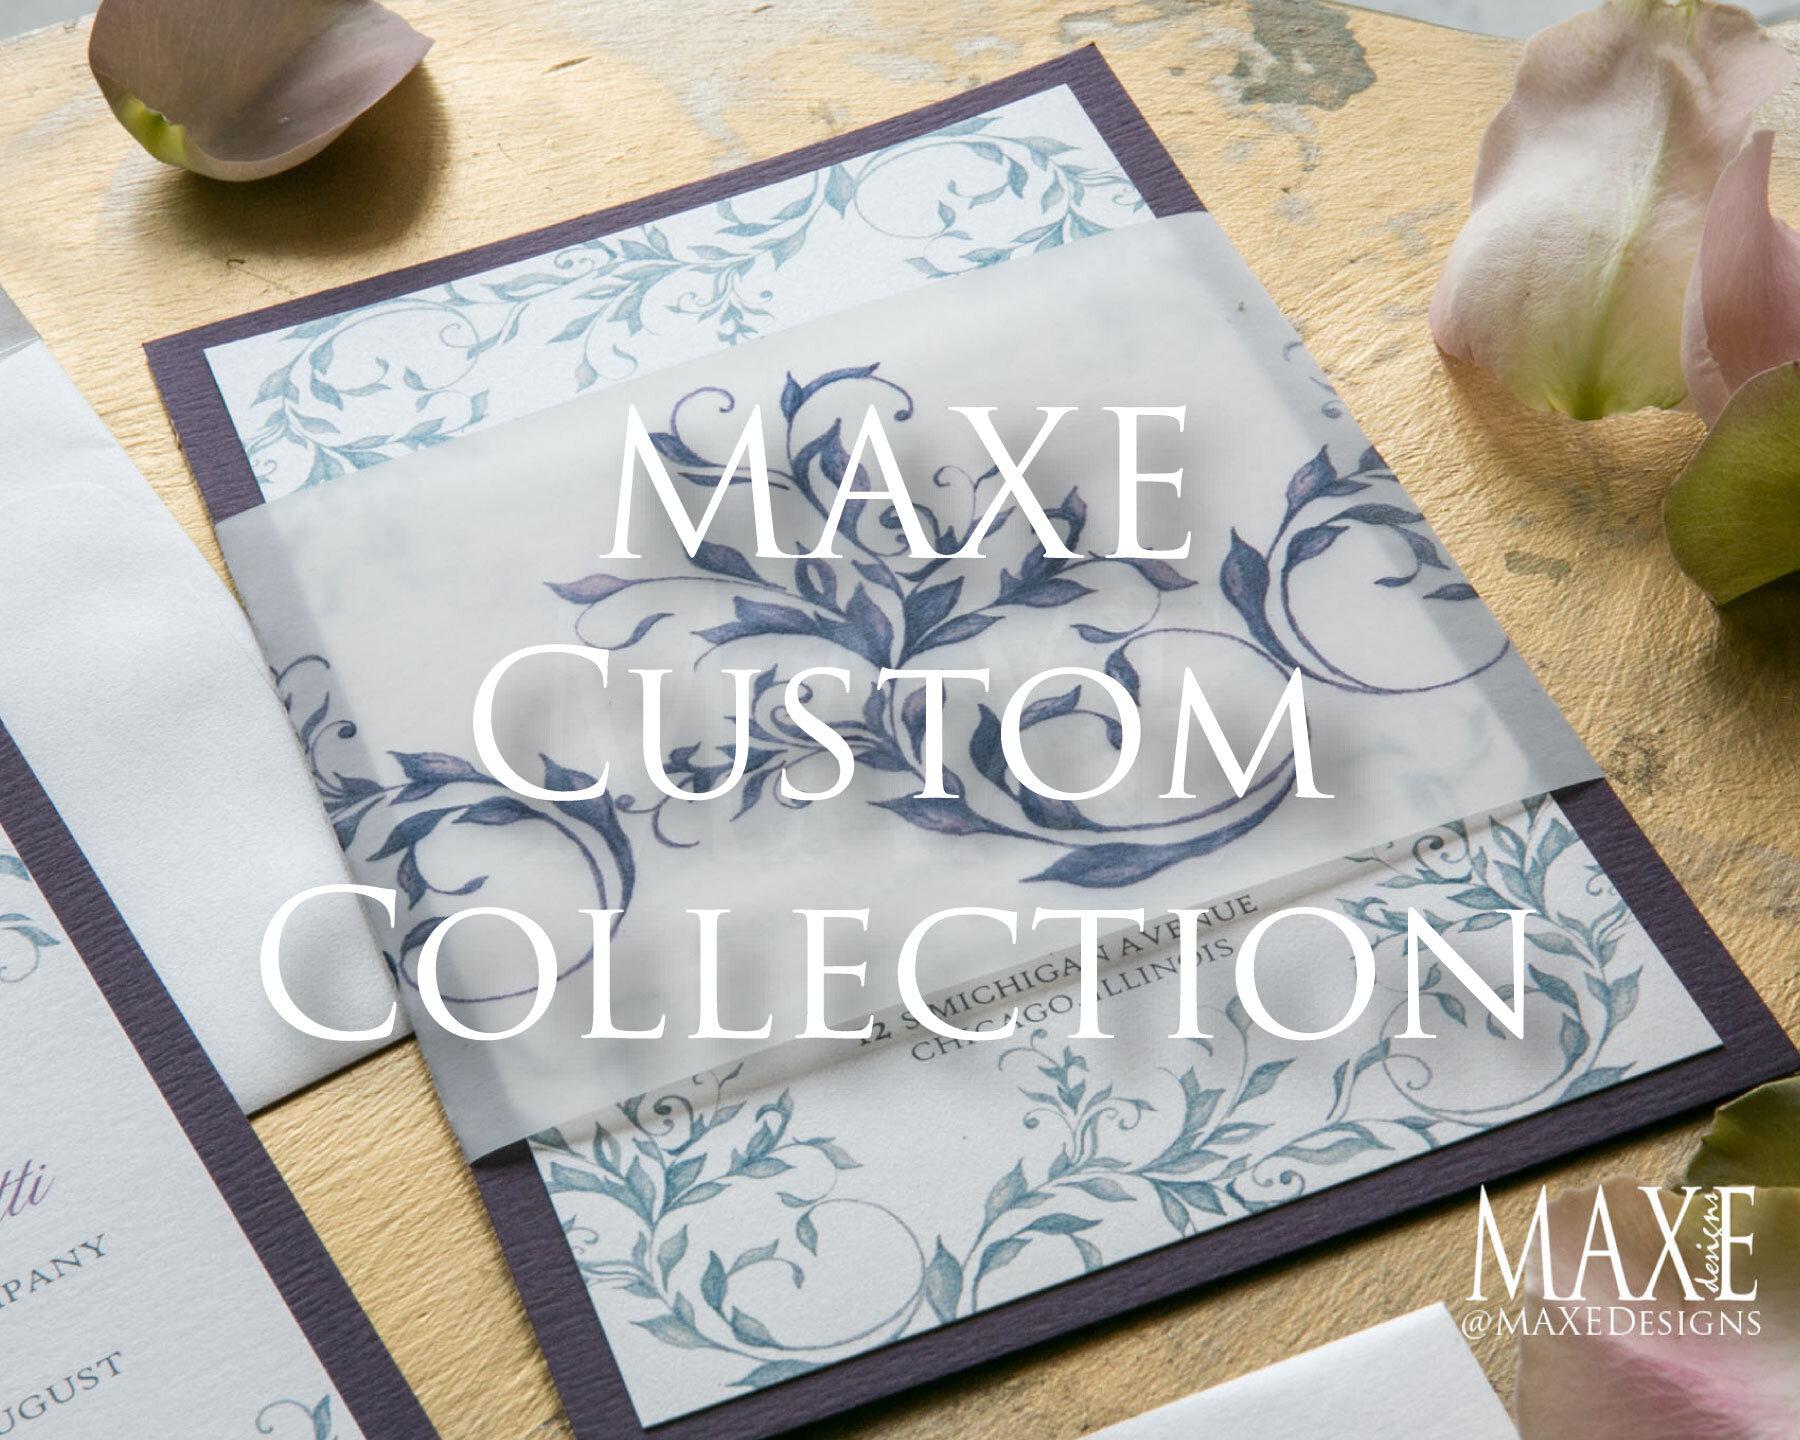 MAXE-Inv-Collection-Icon-7-.jpg